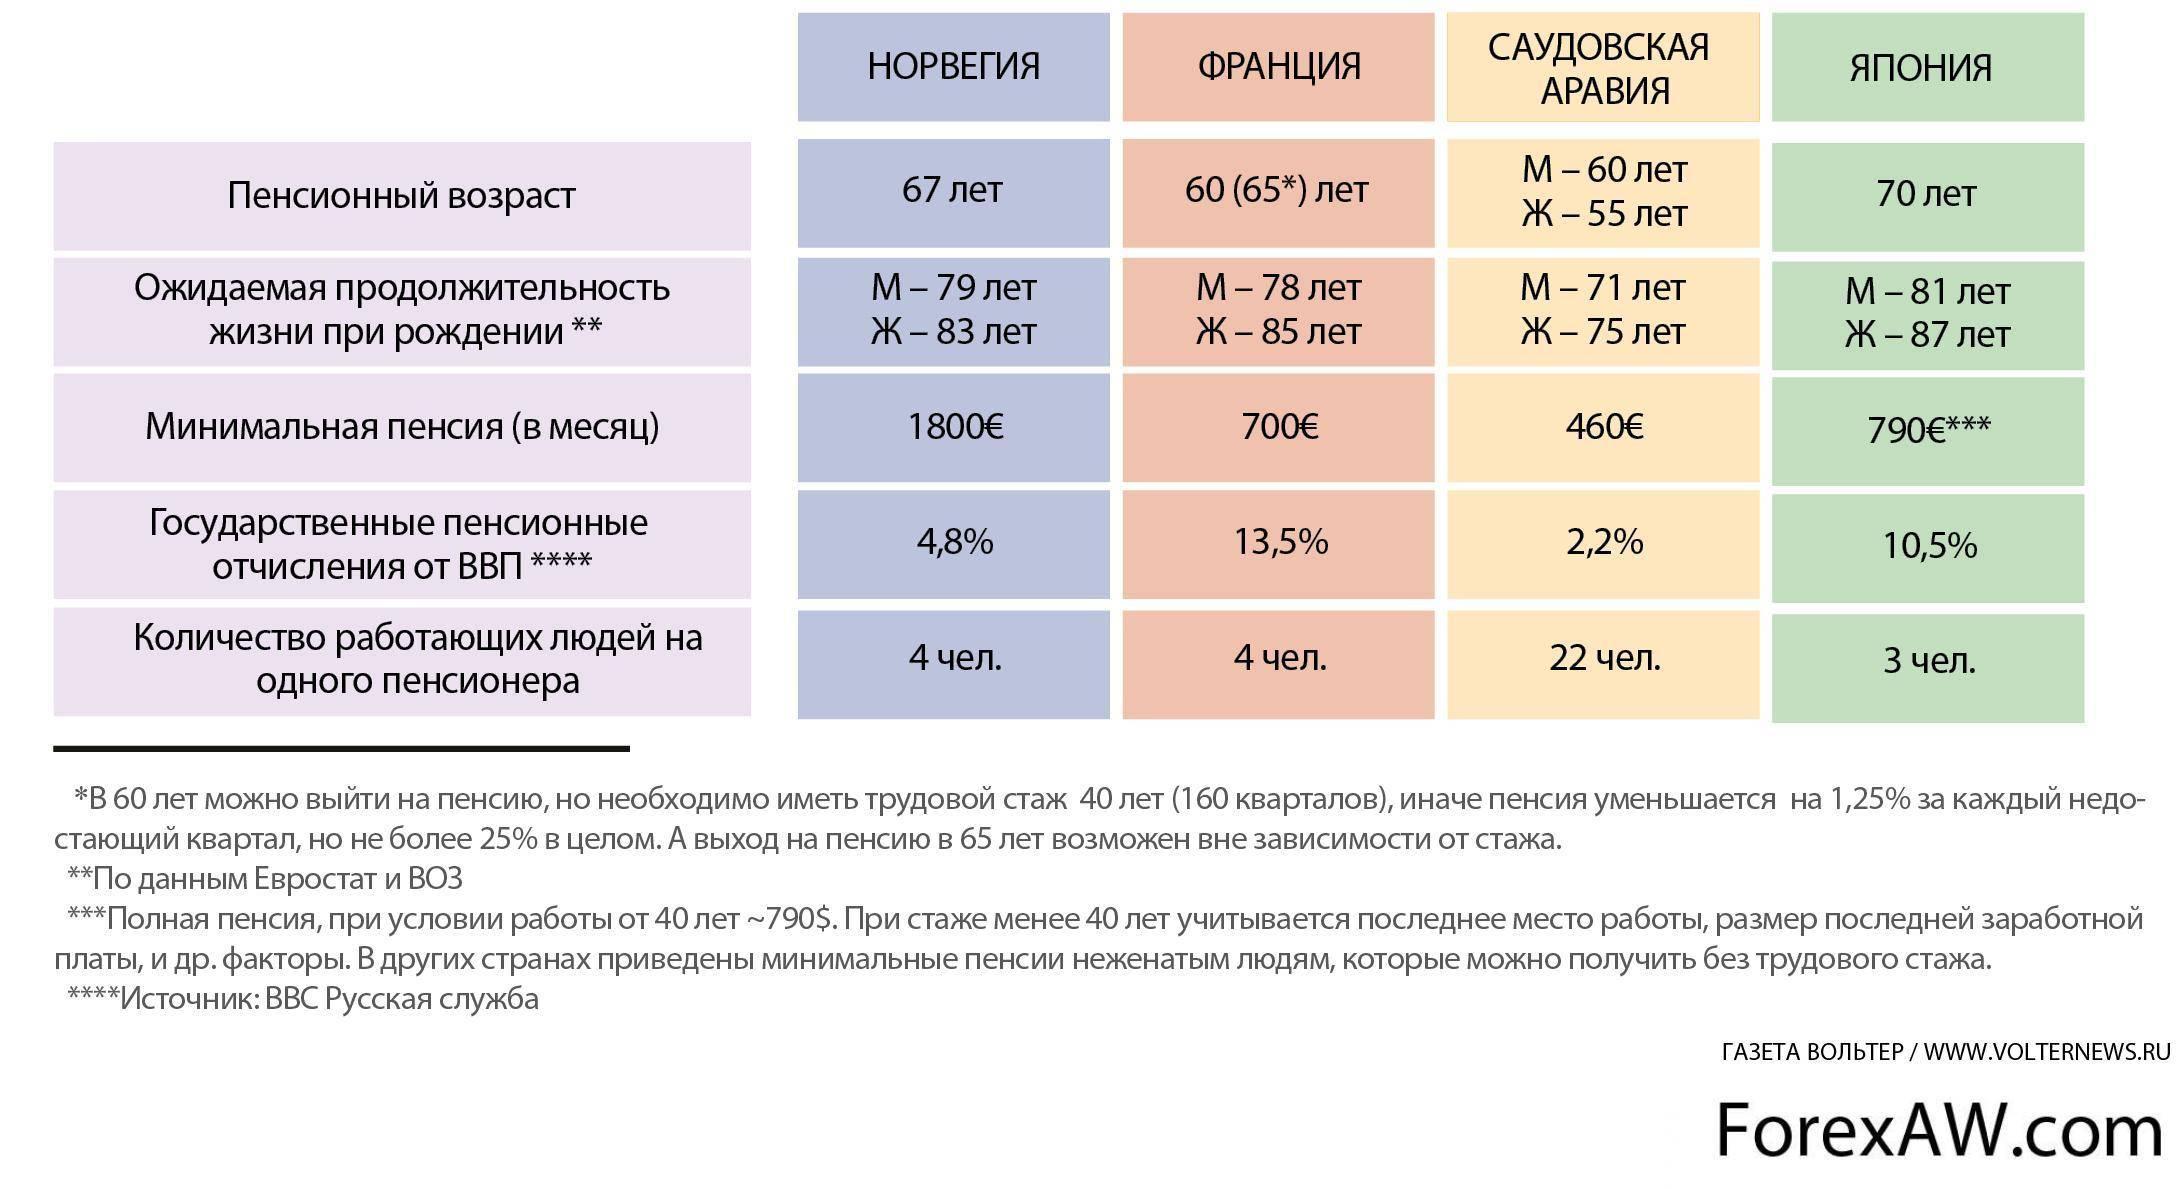 Пенсия в сша: размер средней и минимальной, от чего зависит